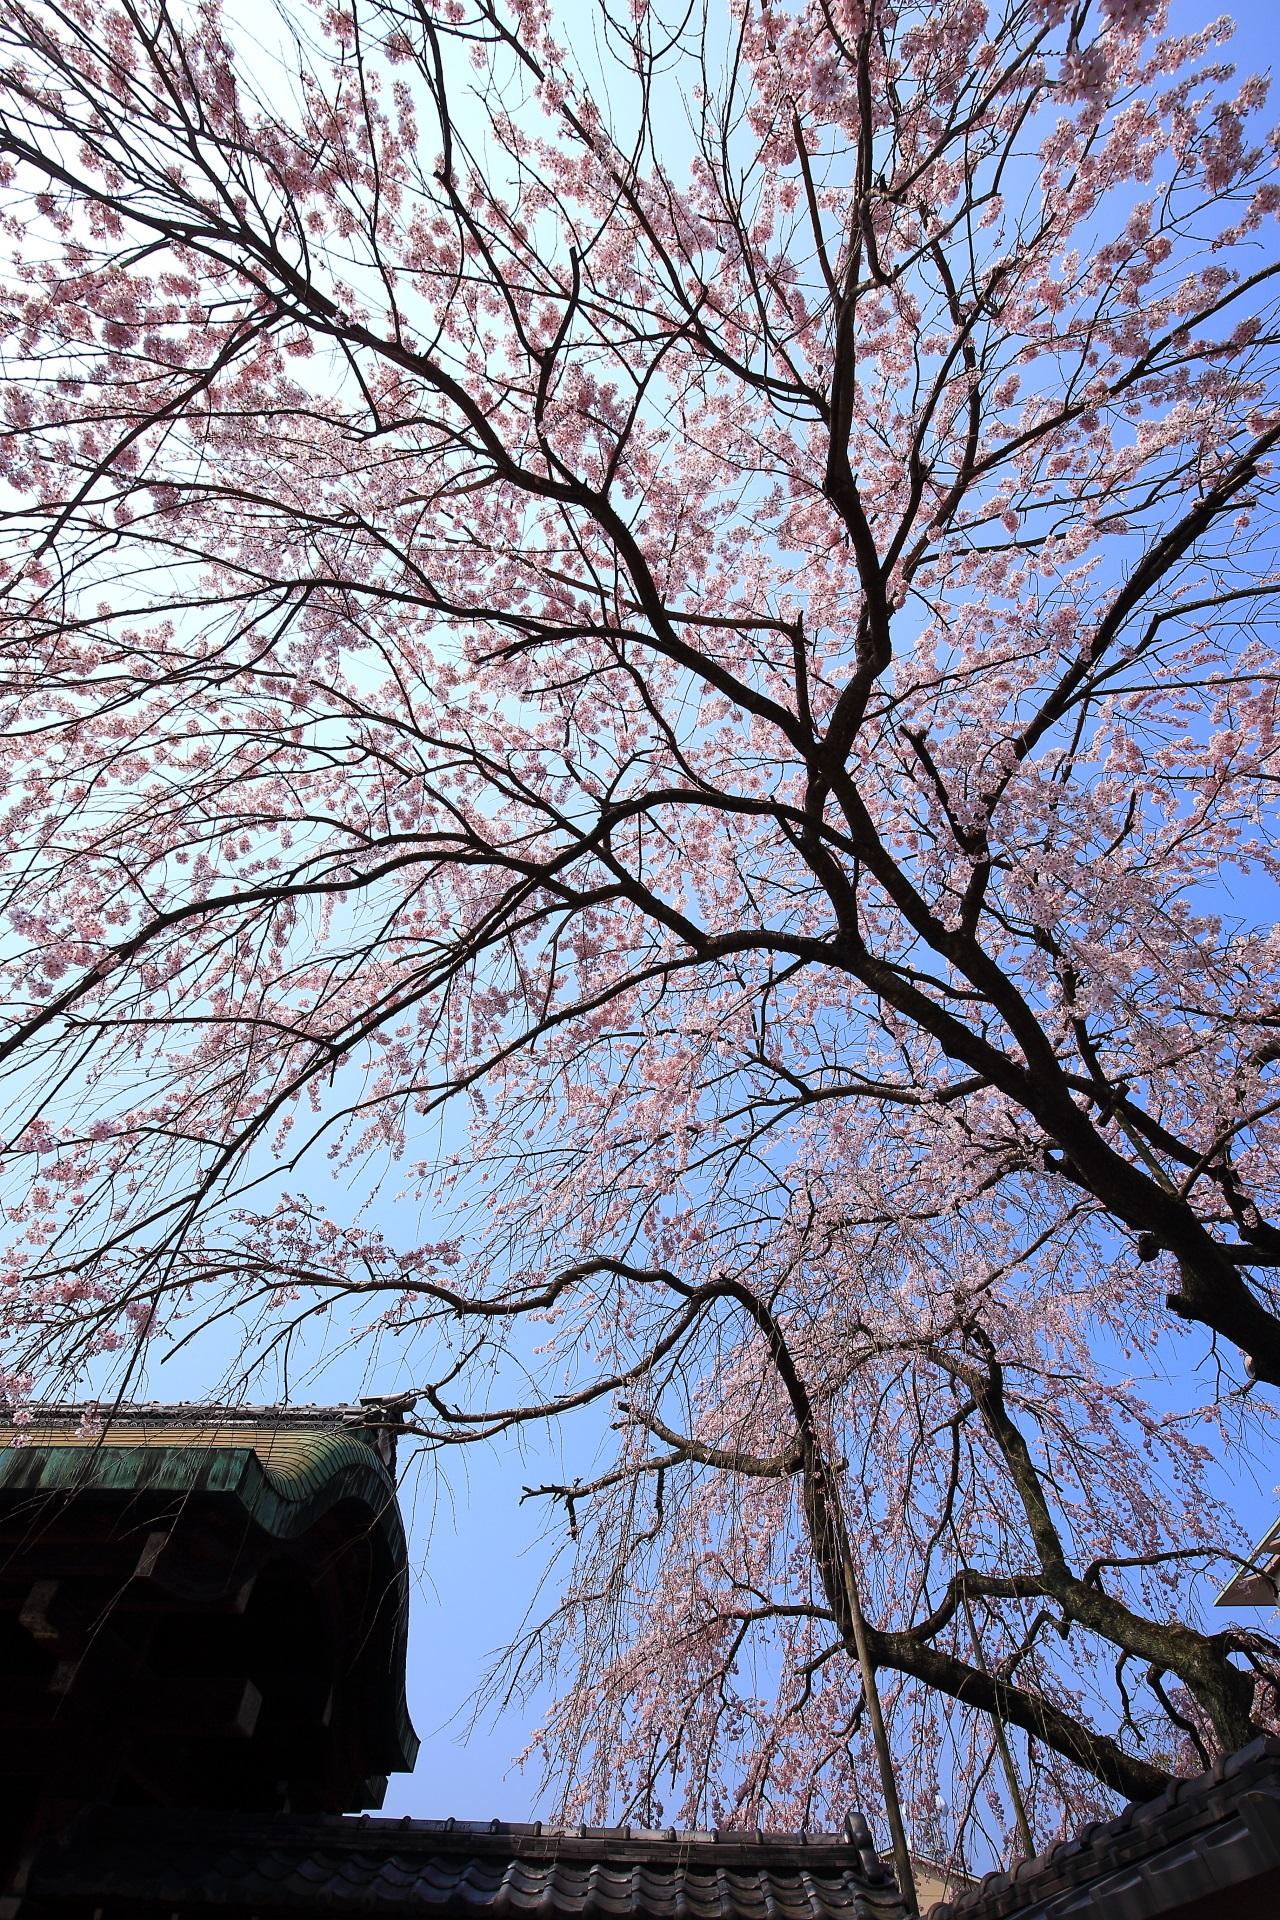 平安女学院 有栖館の素晴らしいしだれ桜と春の情景